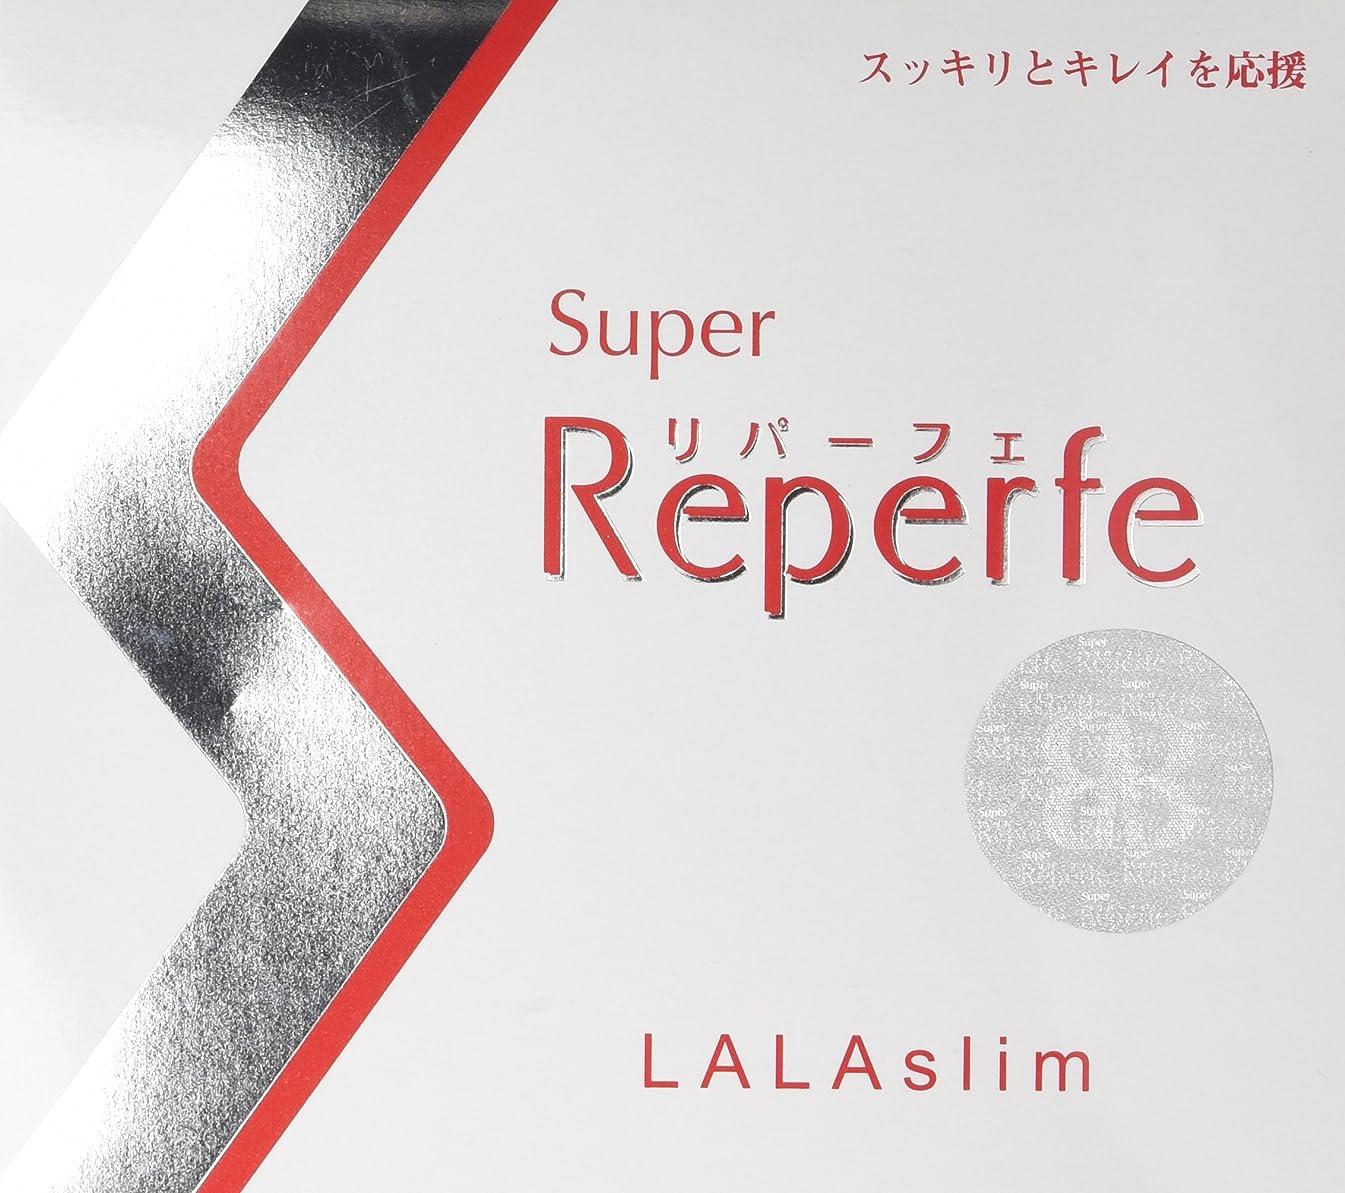 ショルダー撤回する応じるスーパーリパーフェ ララスリム 錠剤タイプ